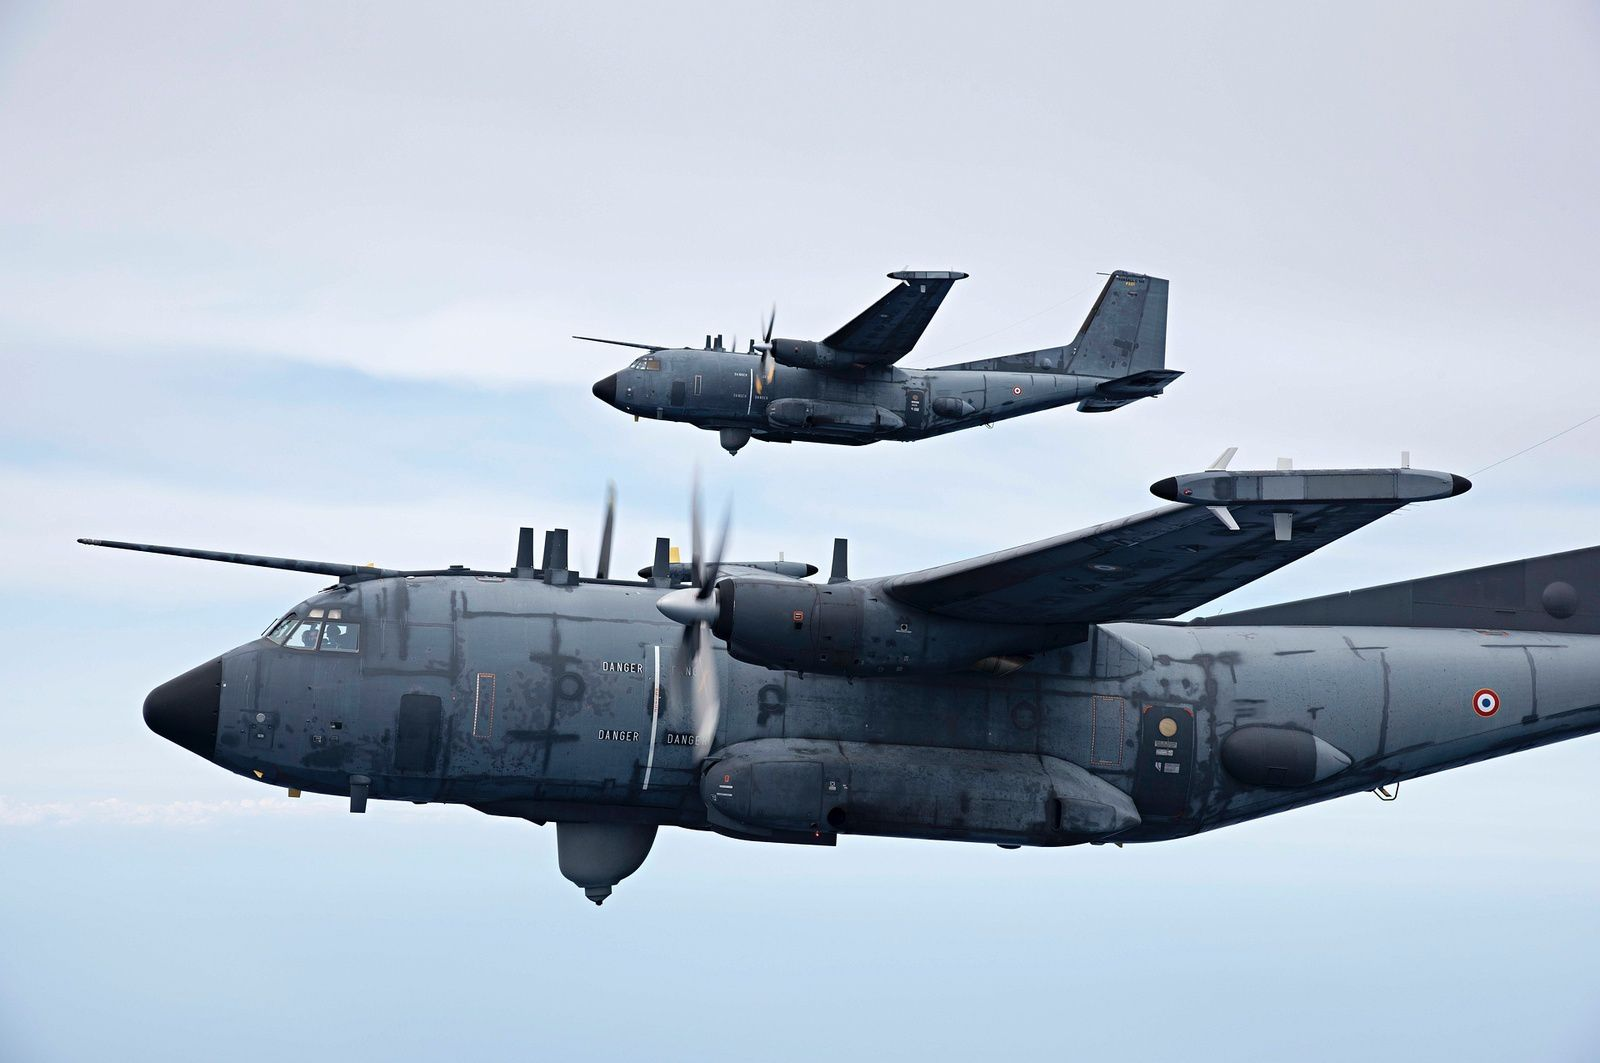 © Armée de l'Air - Les deux Transall Gabriel de l'Escadron électronique aéroporté 54 « Dunkerque ».